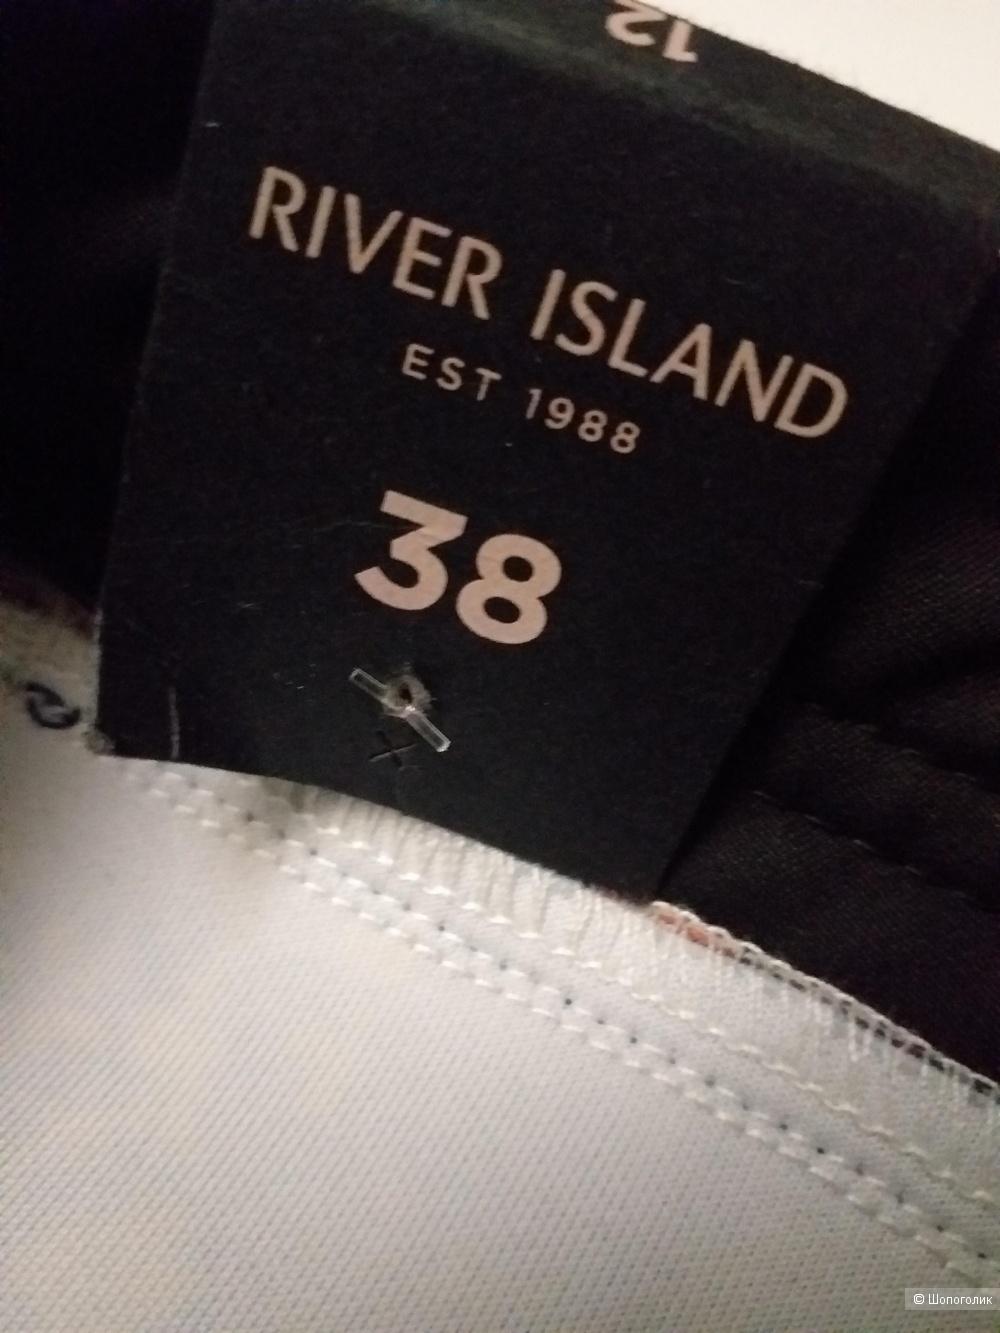 Брюки River island, р. 44